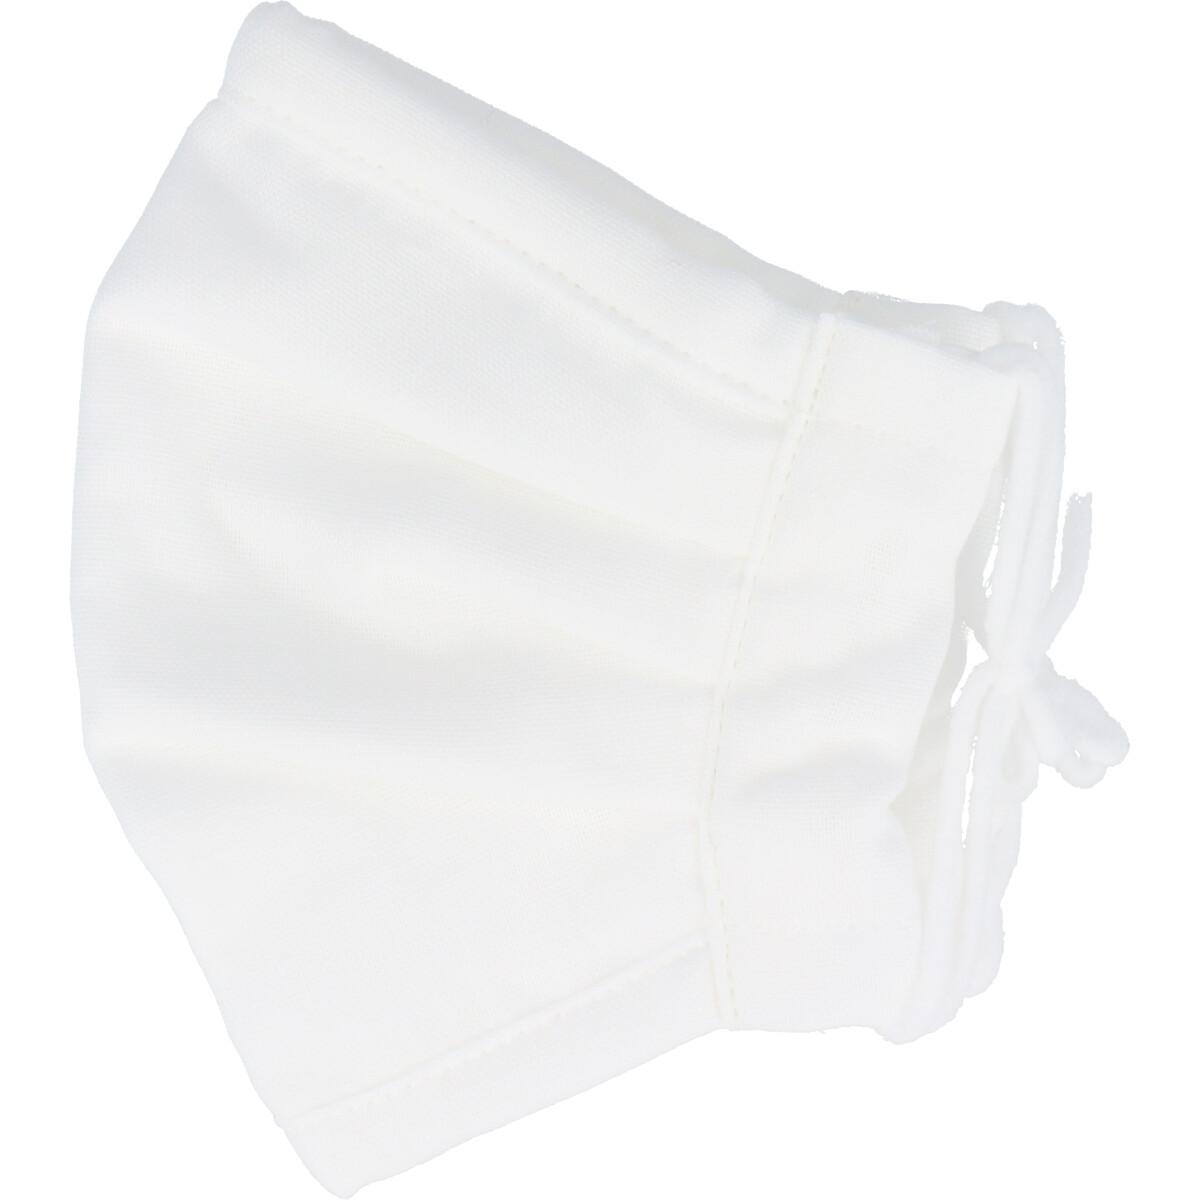 さらふわマスクダイヤドビー 敏感肌用 ホワイト 少し大きめサイズ 1枚入